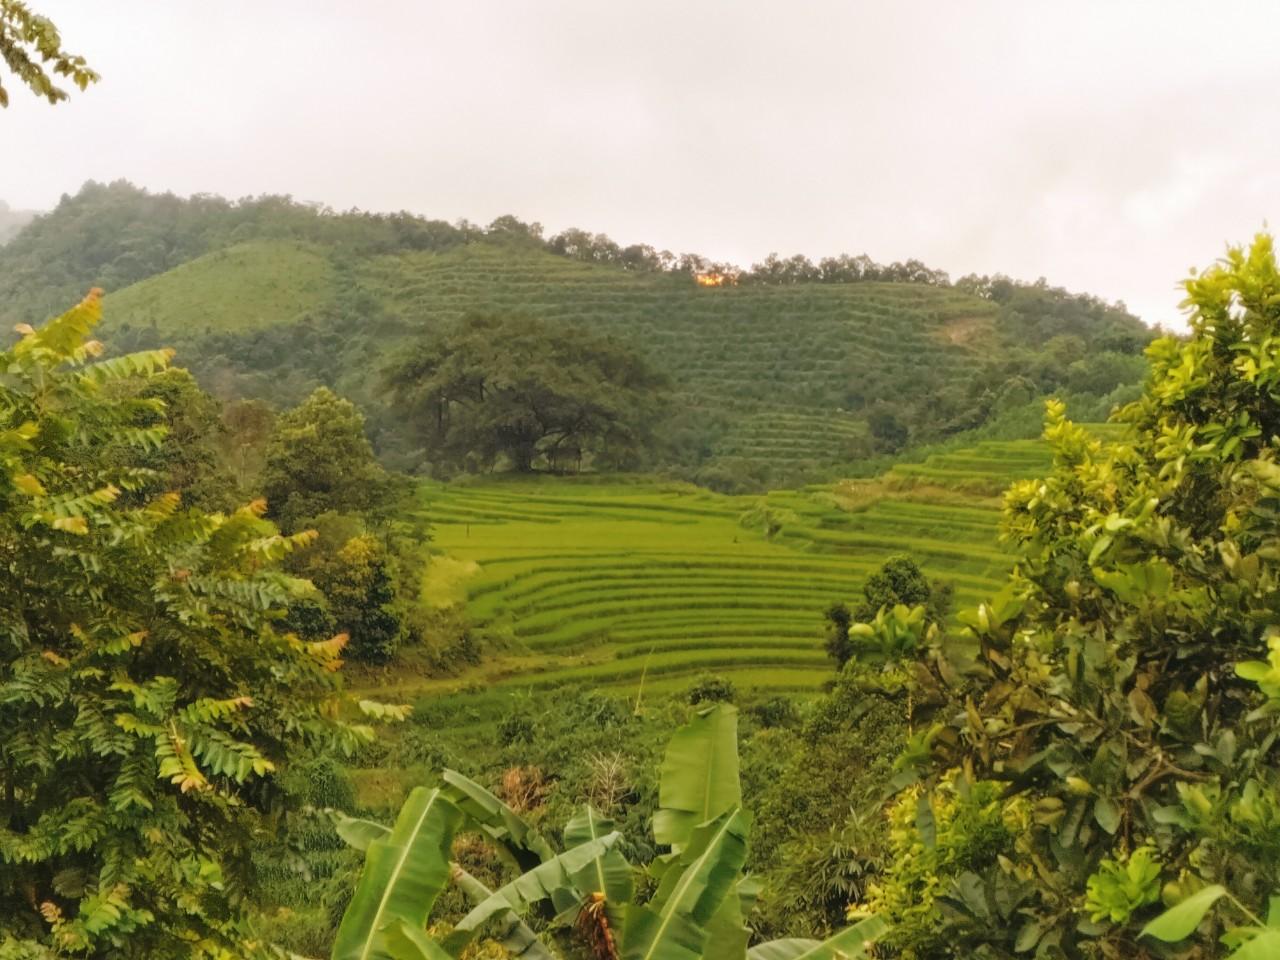 Cần bán Đất đường Quốc Lộ 6, Xã Hợp Phong, Diện tích 1000m², Giá 800 Triệu - LH: 0947266511